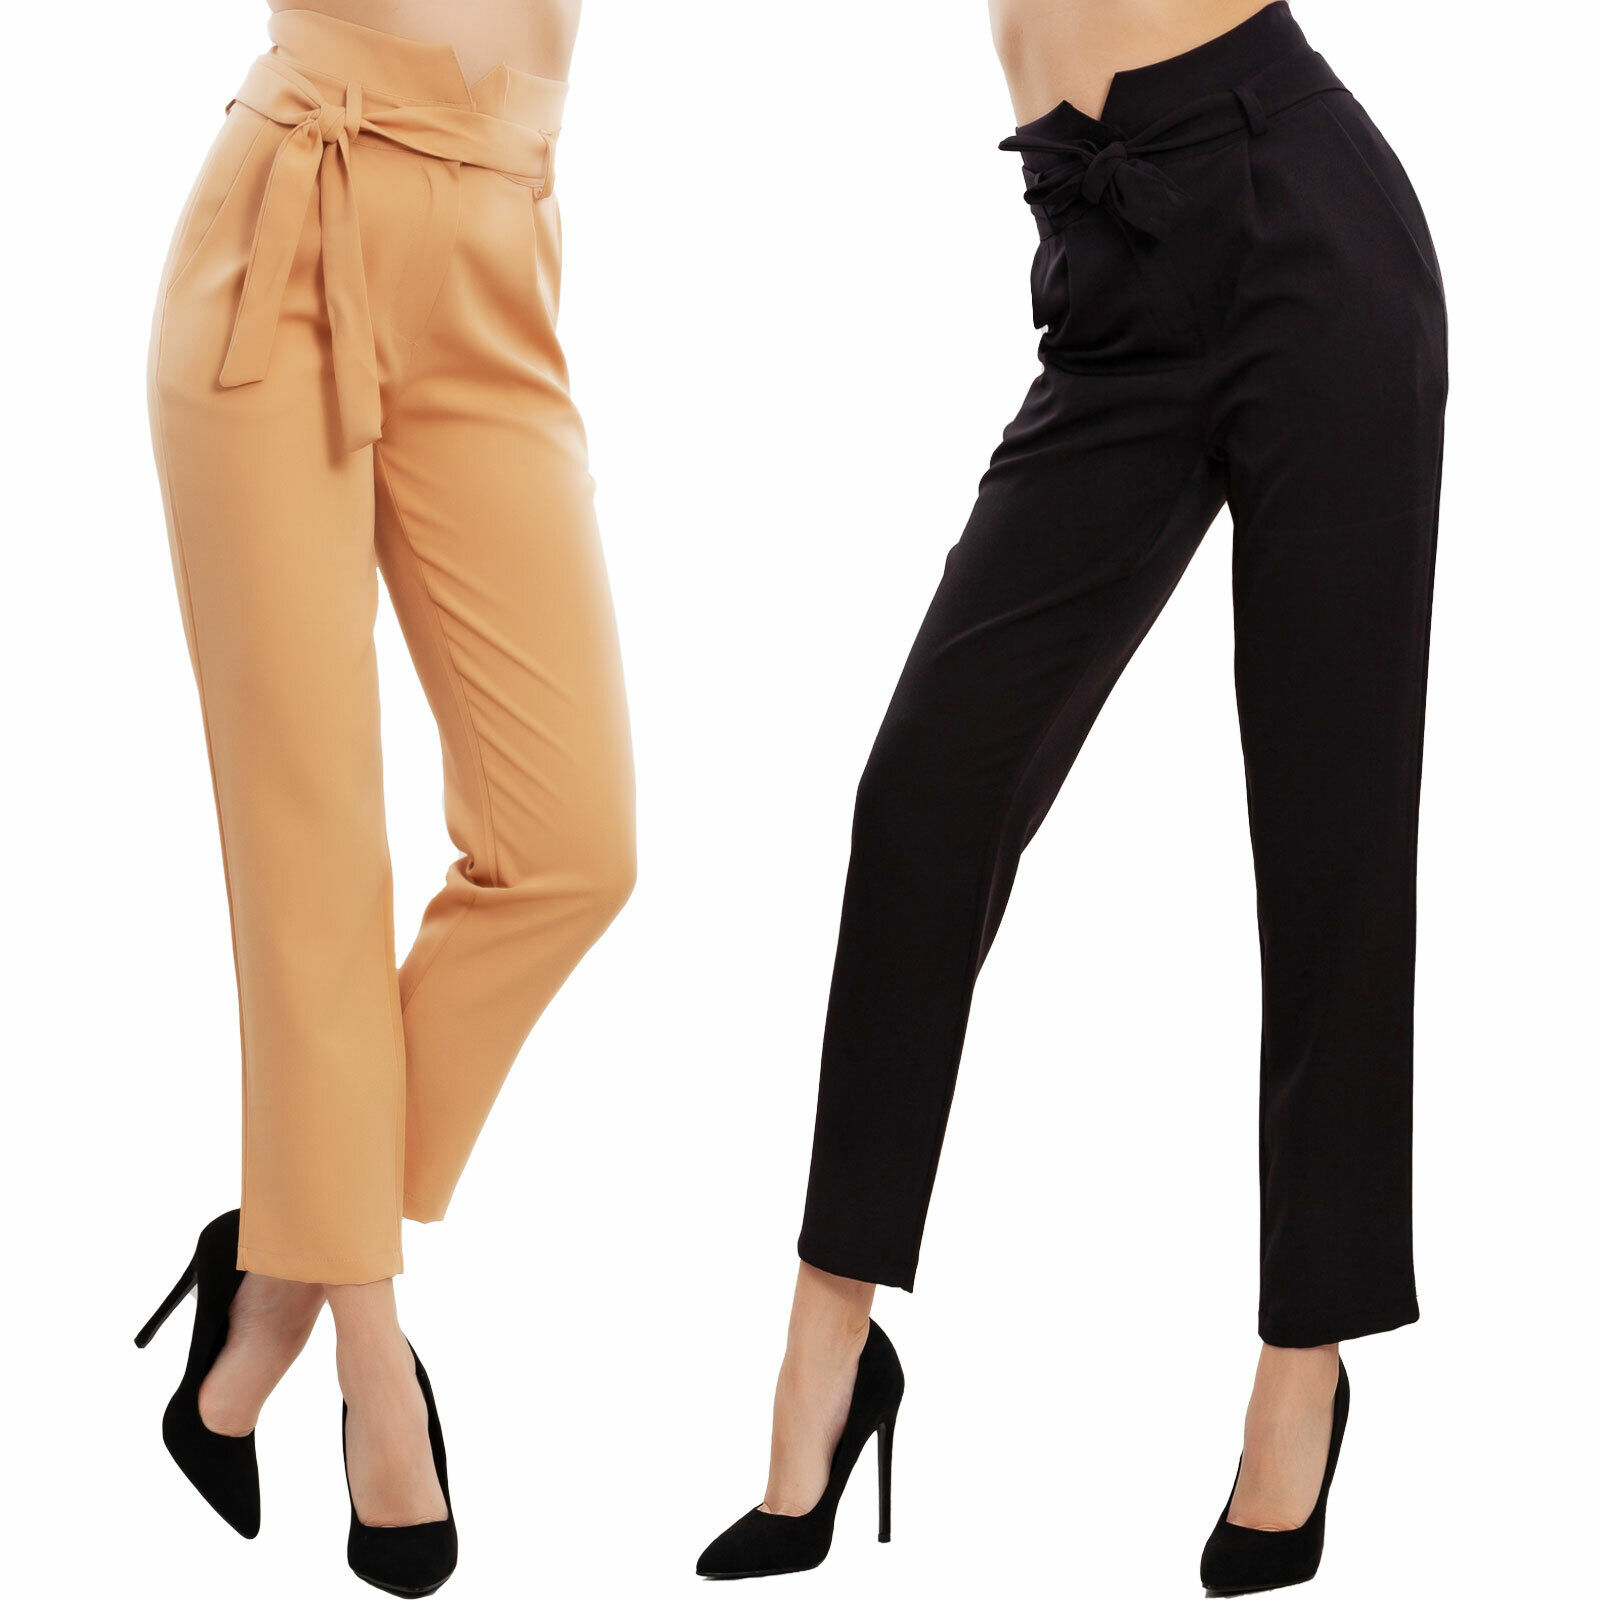 e55eab312bc389 Détails sur Pantalons femme longues taille haute nœud ruban lacet pattes  d'eph élégant